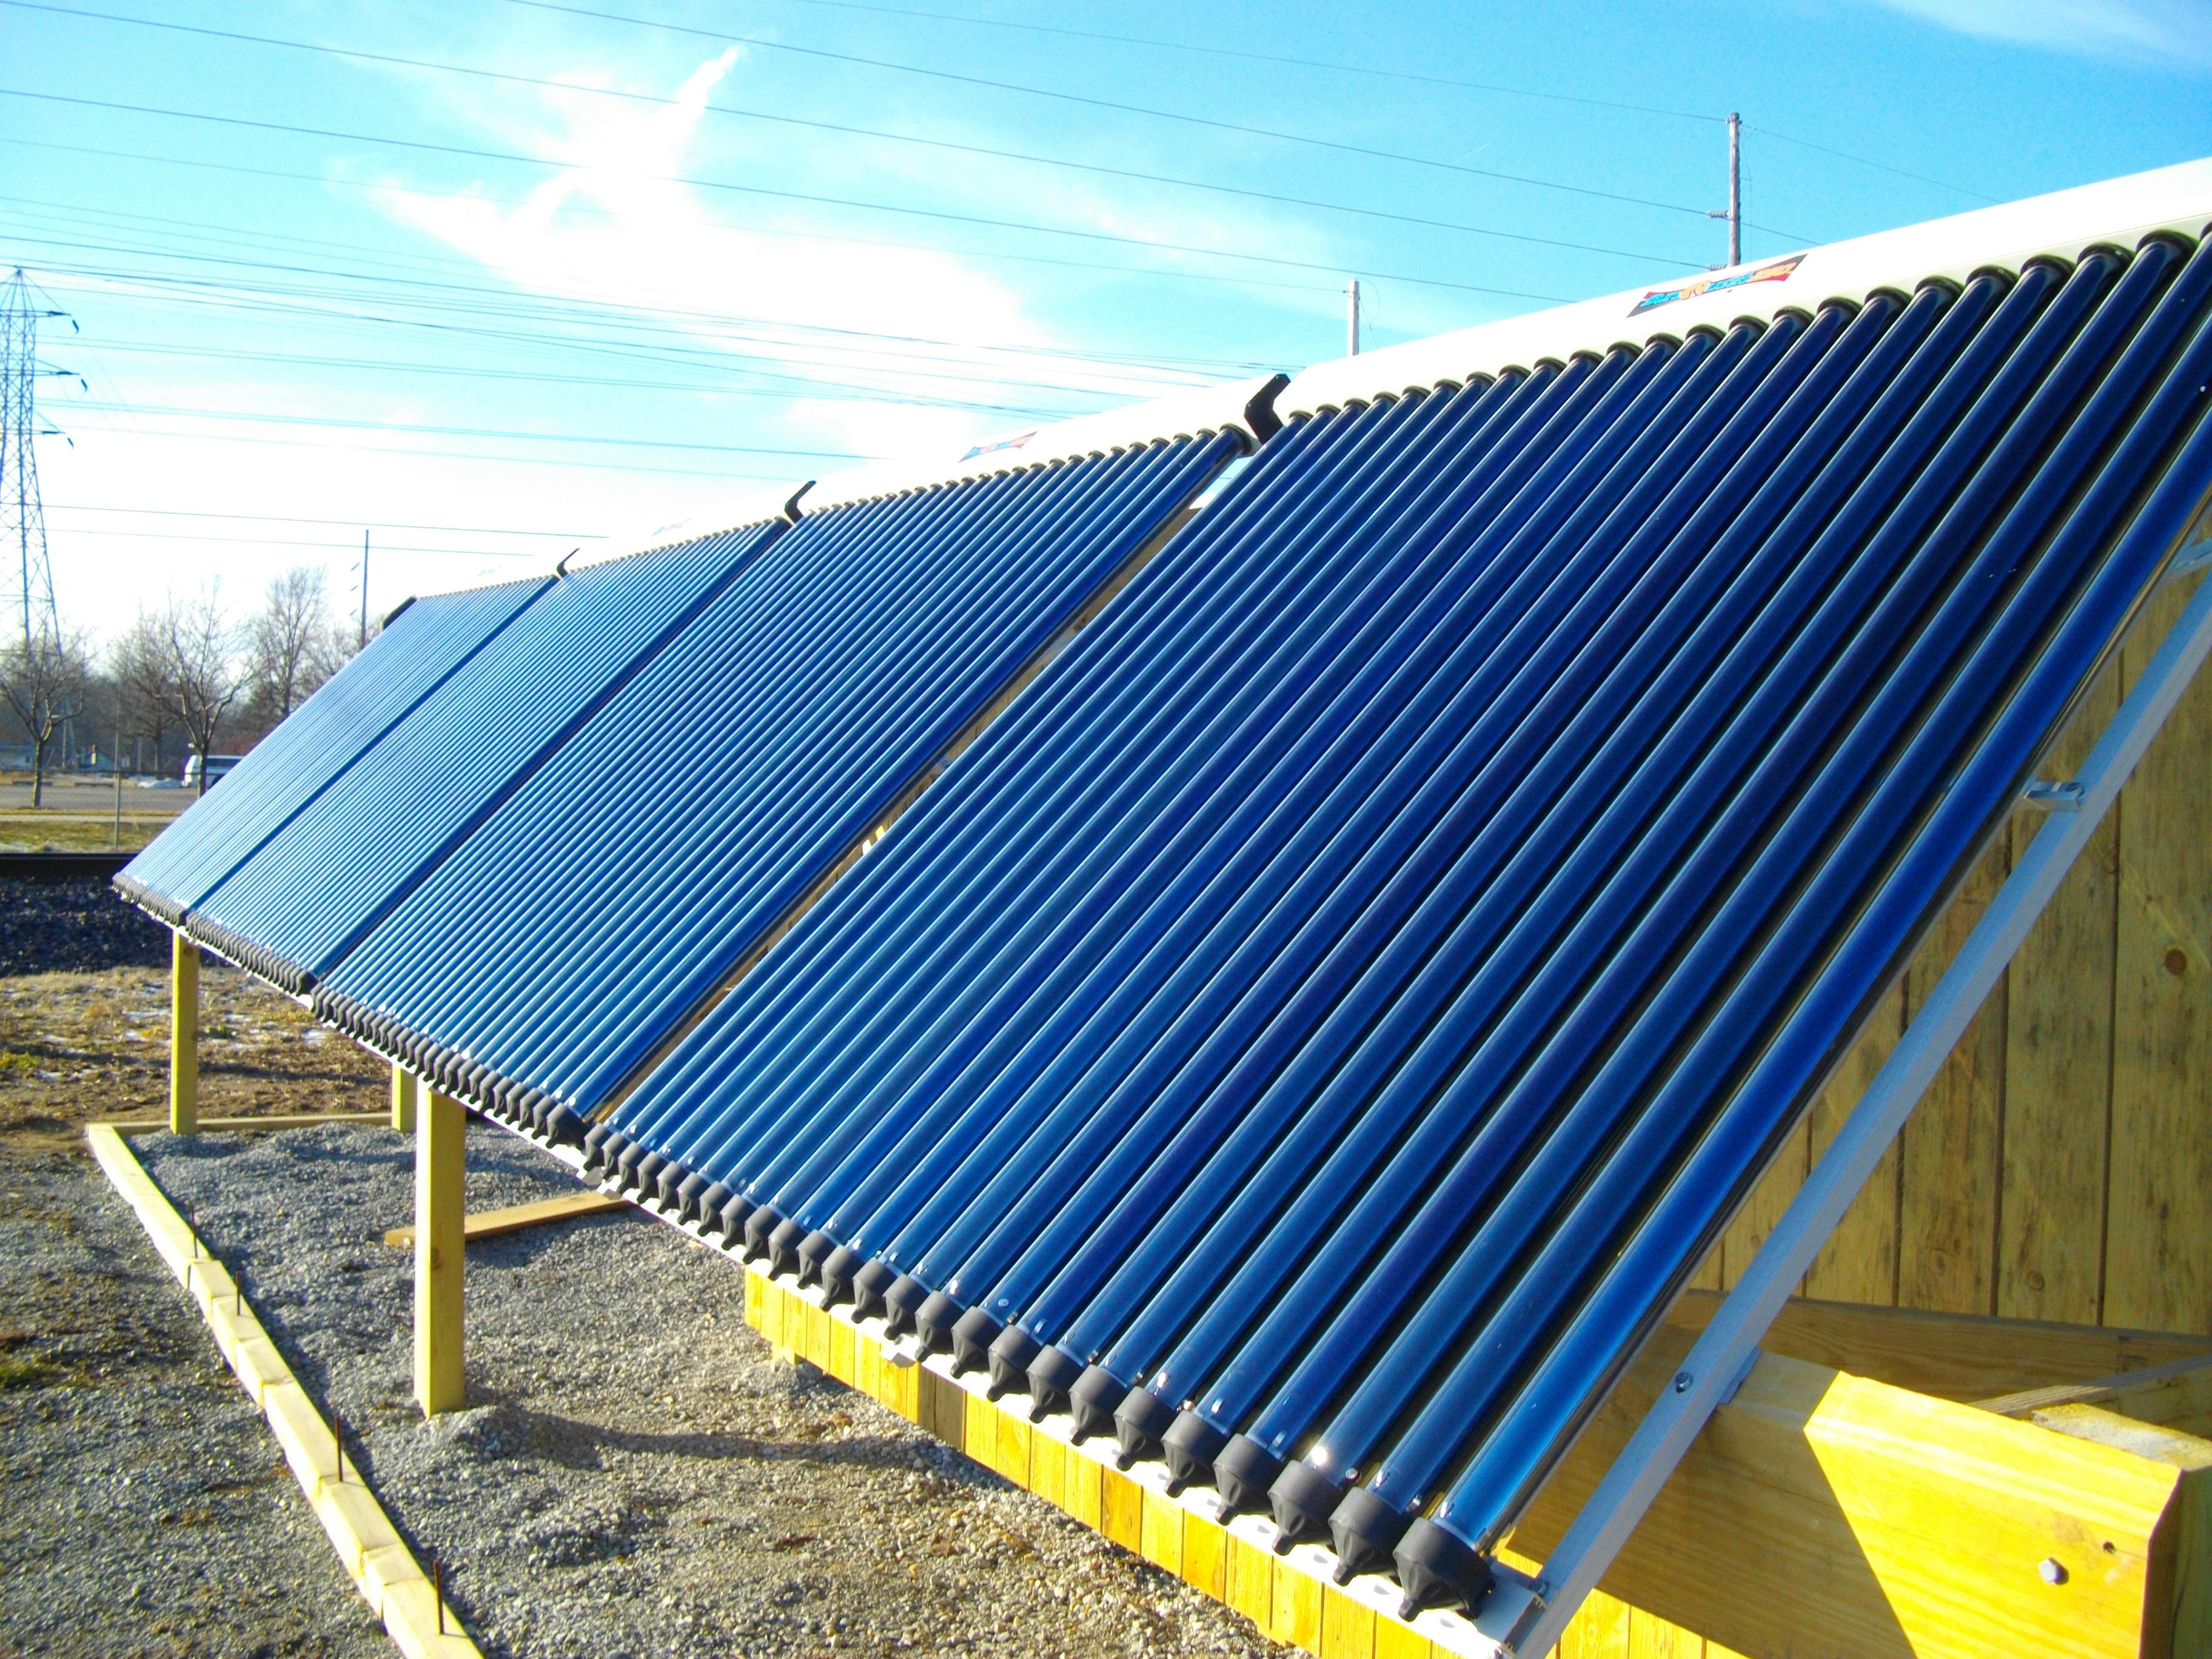 SunShower Solar Collector | Goshen College